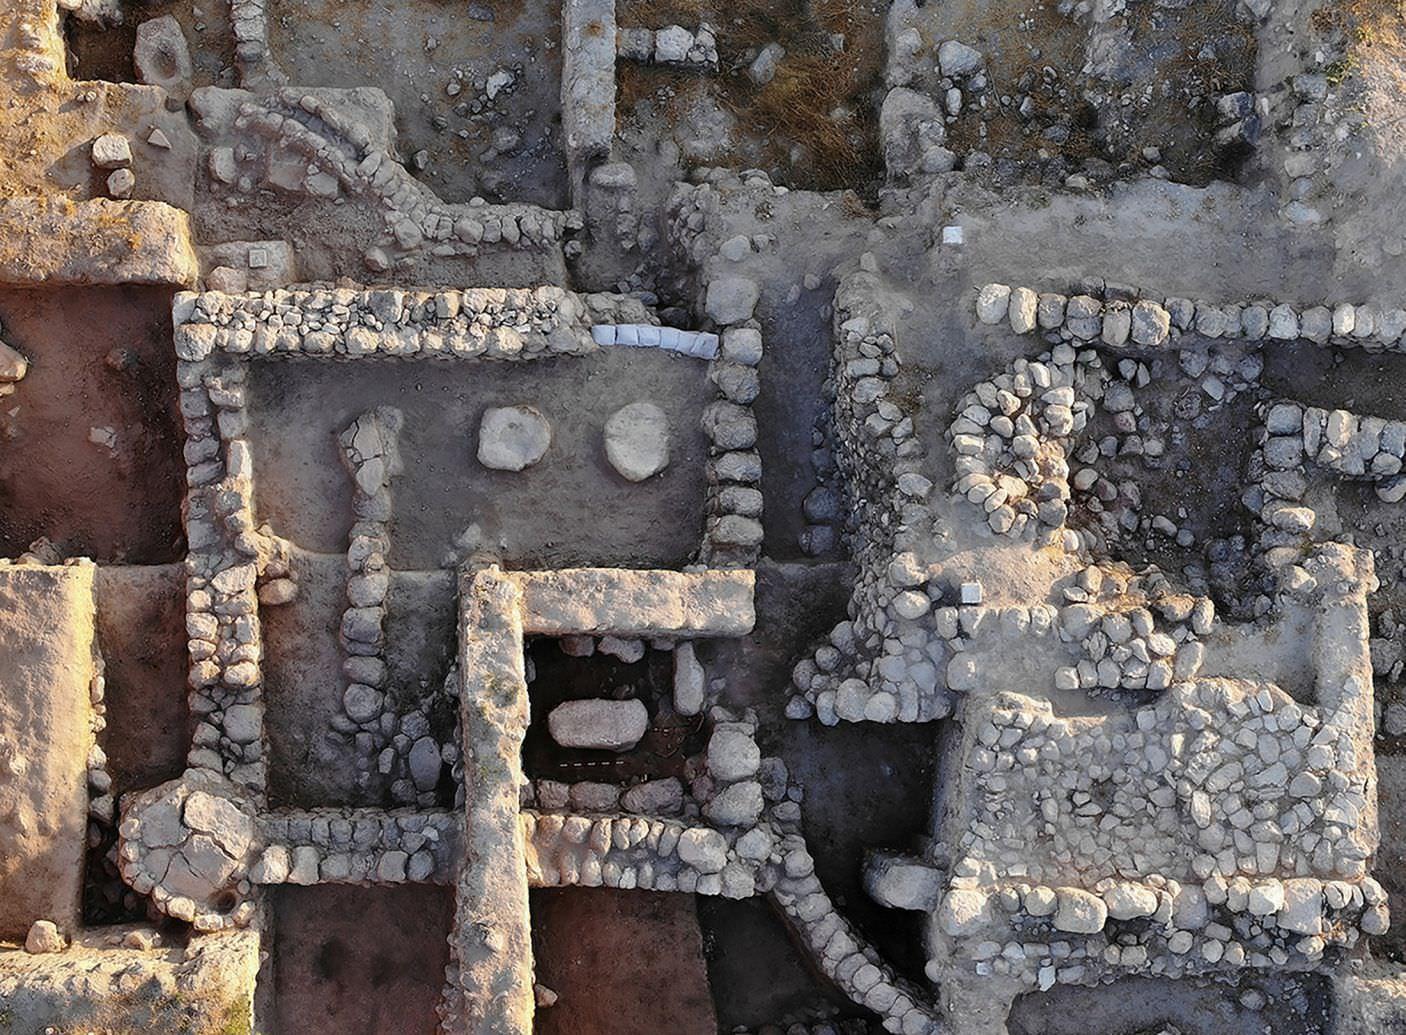 πέτρα Δέκα Εντολές αρχαιολογικός χώρος ιερουσαλήμ